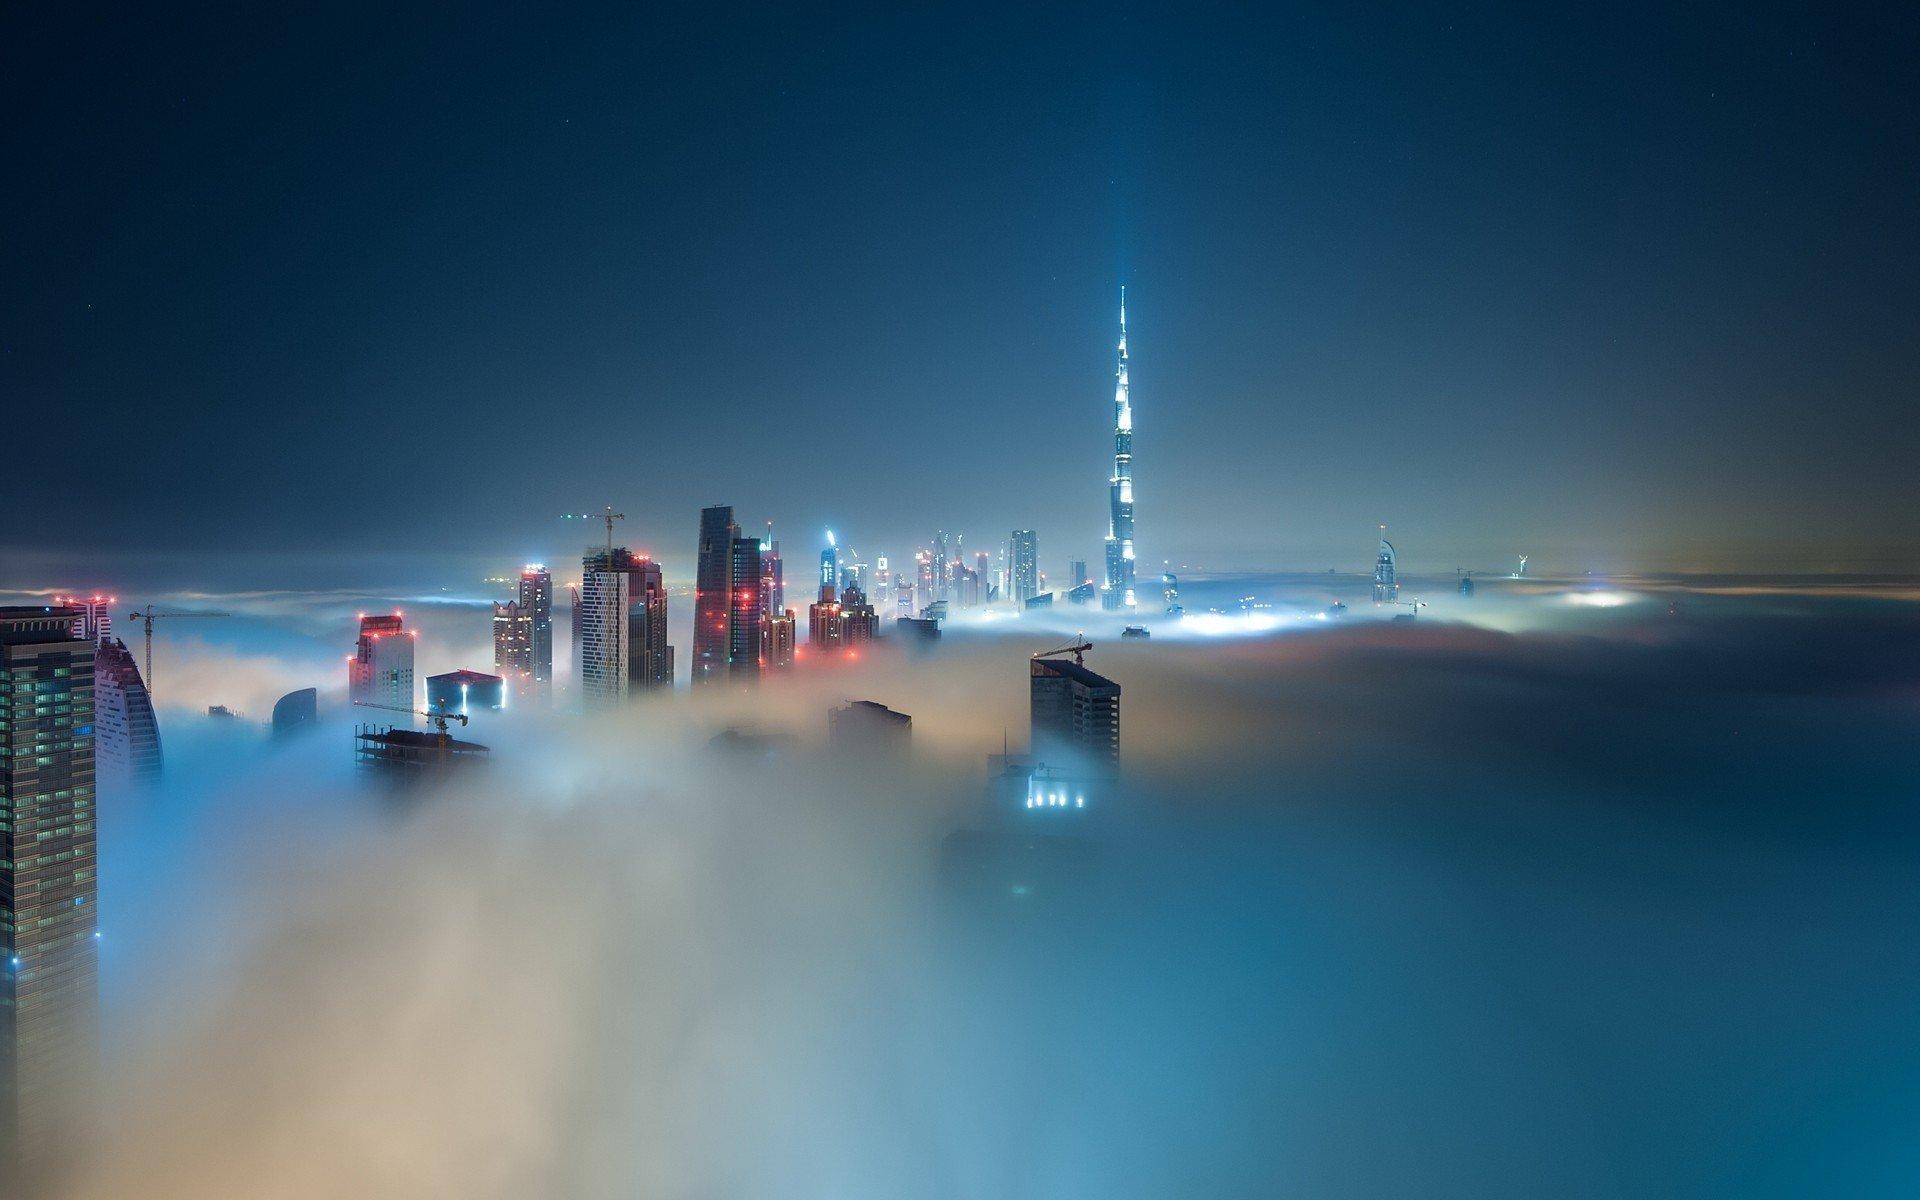 дубай в тумане фото утюжок почти